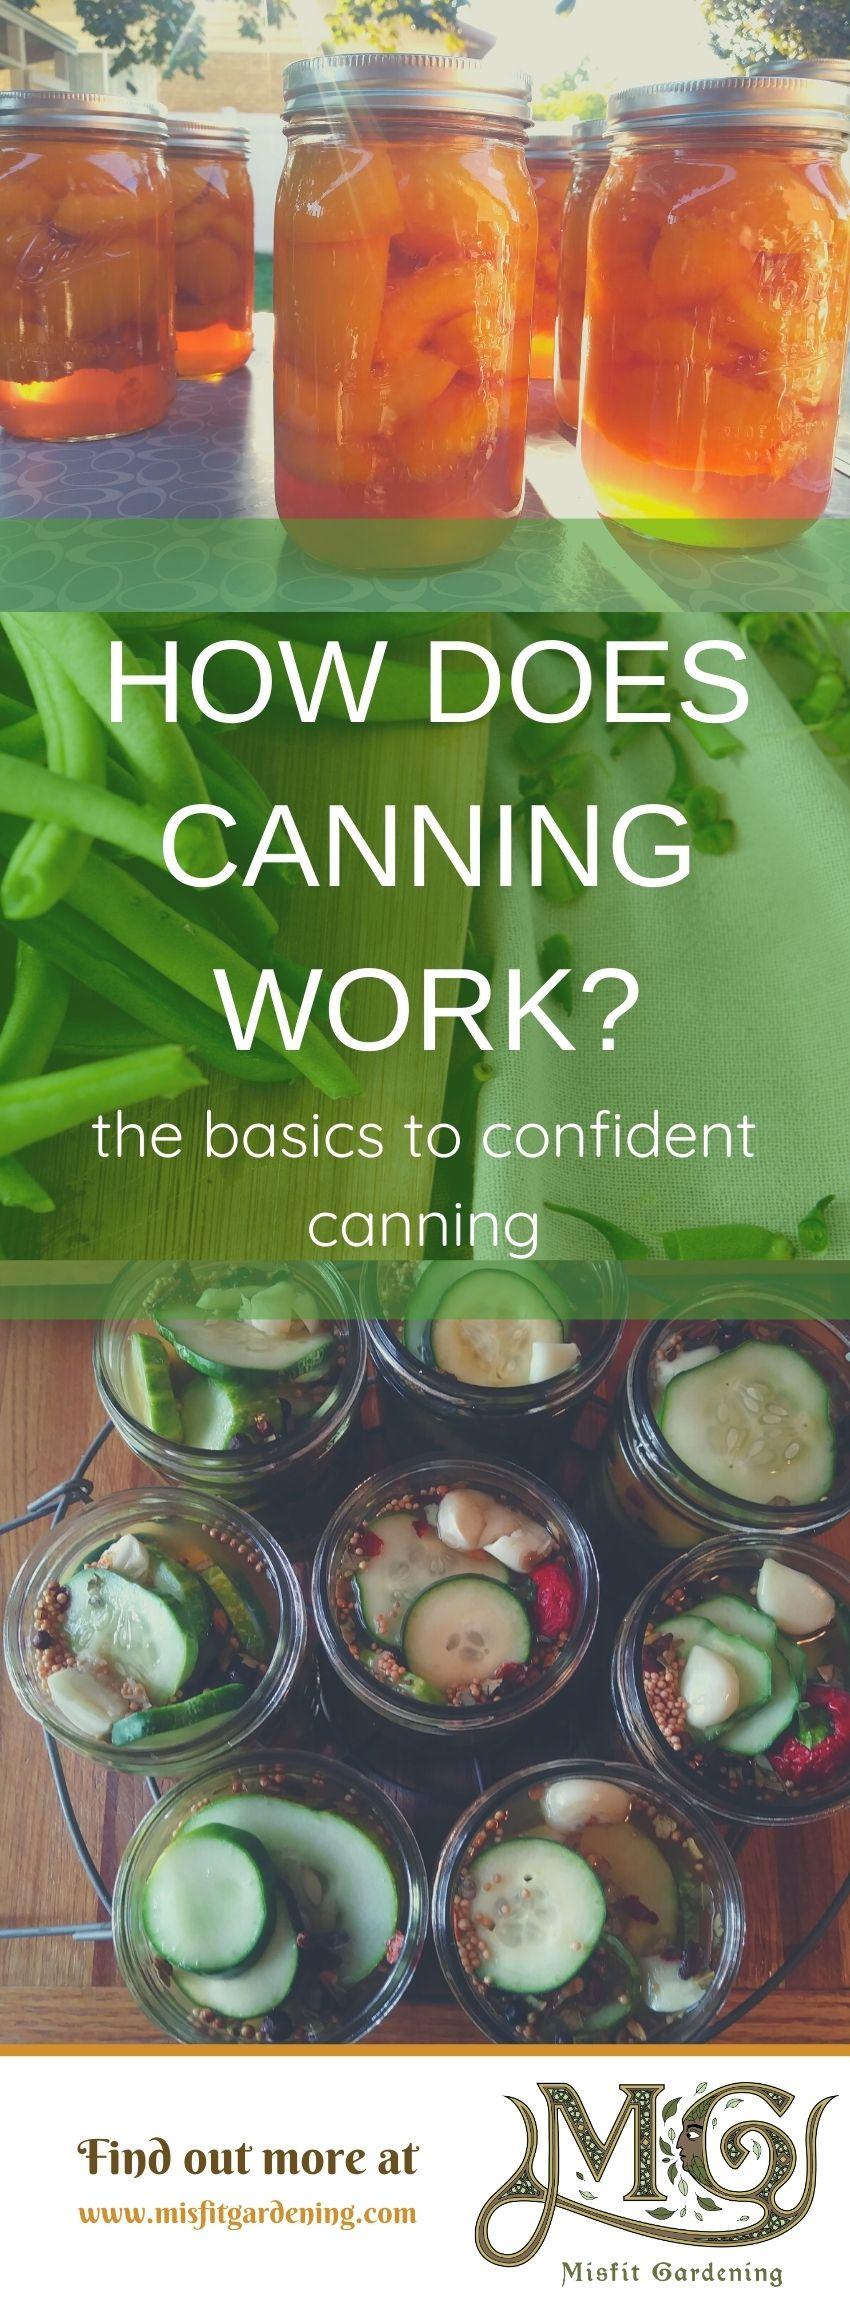 Klicken Sie hier, um zu sehen, wie das Einmachen funktioniert, oder stecken Sie es fest und speichern Sie es für später. #Homesteading #Canning